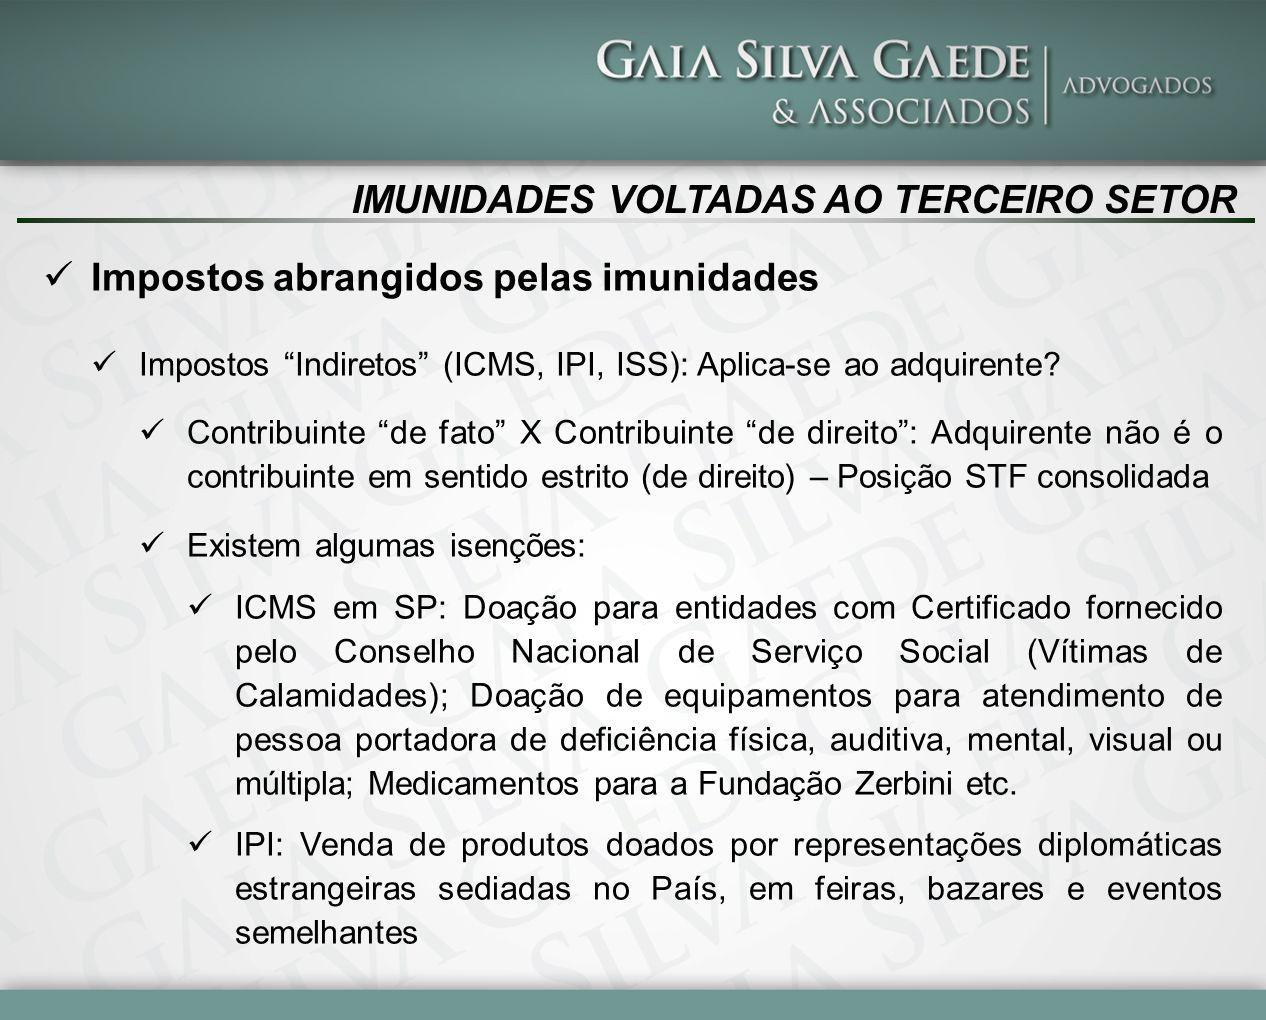 IMUNIDADES VOLTADAS AO TERCEIRO SETOR Impostos abrangidos pelas imunidades Tributos aduaneiros (Imposto de Importação, ICMS, IPI).